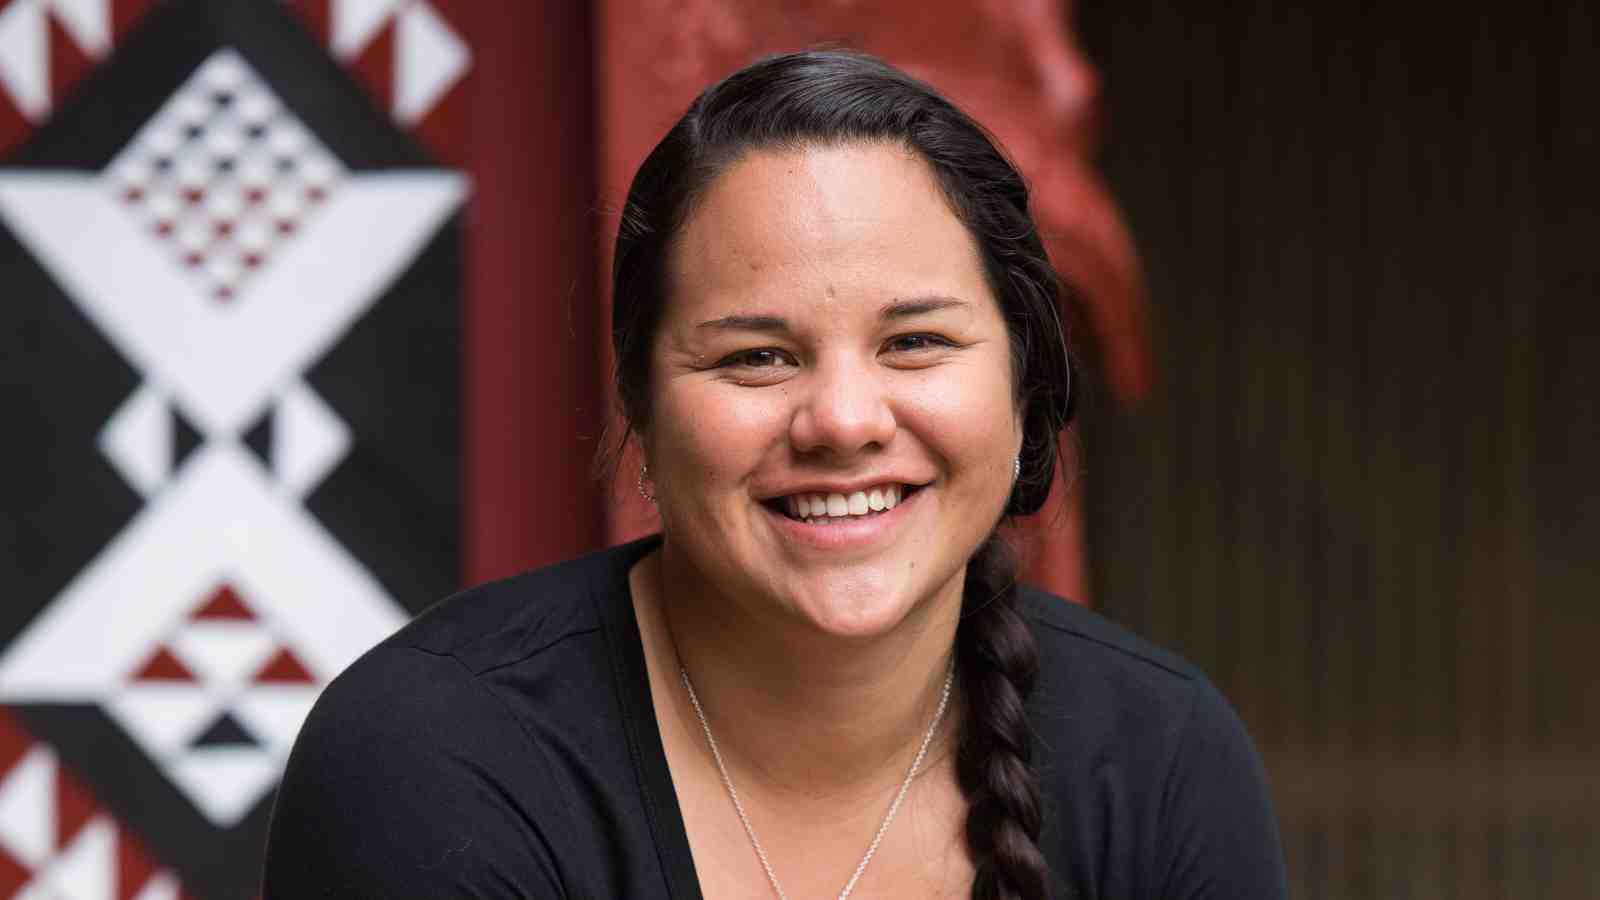 Kahu Haimona at Te Herenga Waka Marae.